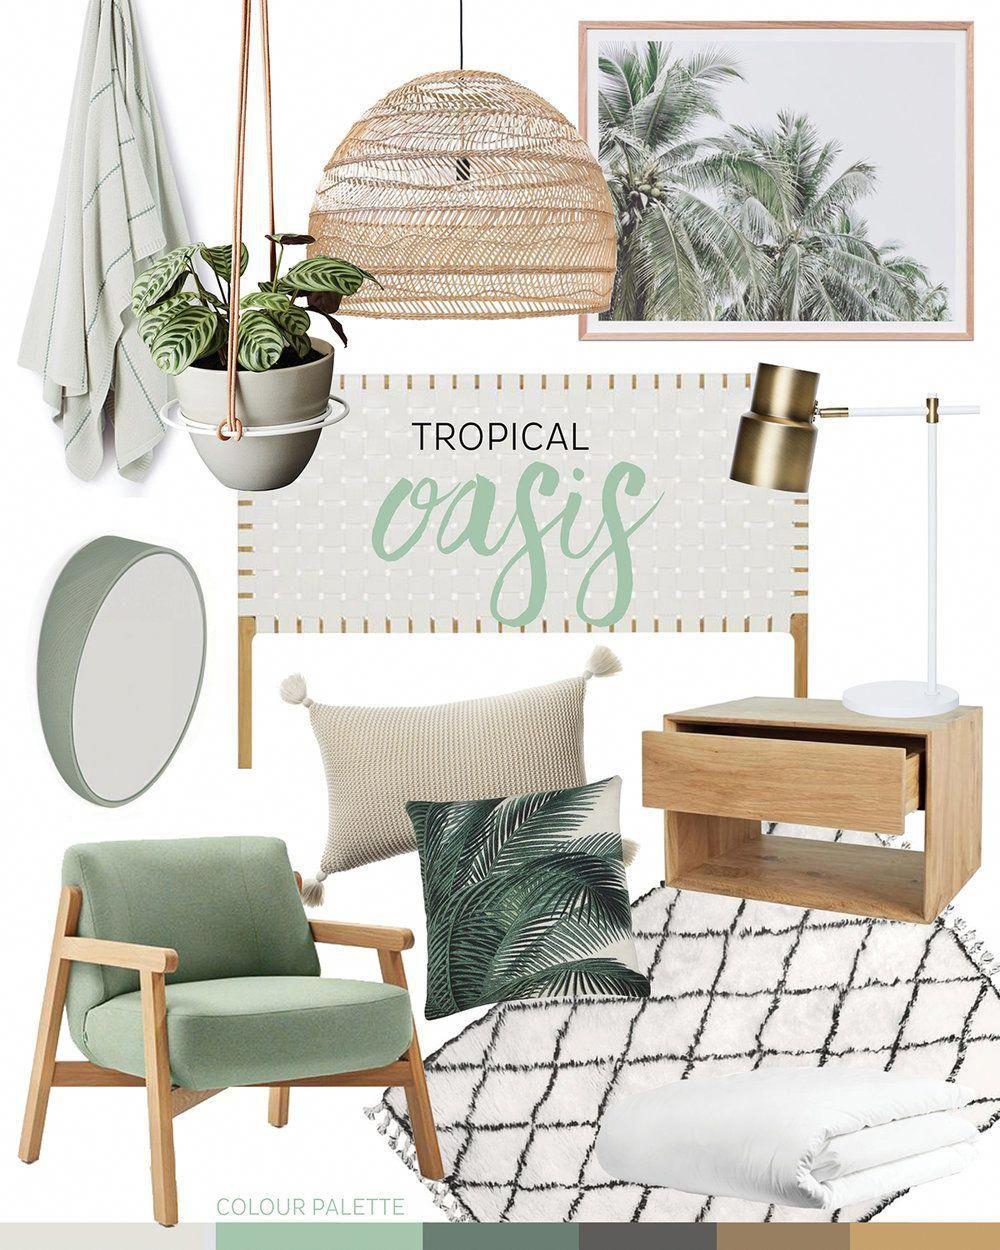 Trend Tropical Oasis Adore Home Magazine Coastallivingrooms Tropical Home Decor House And Home Magazine Home Decor